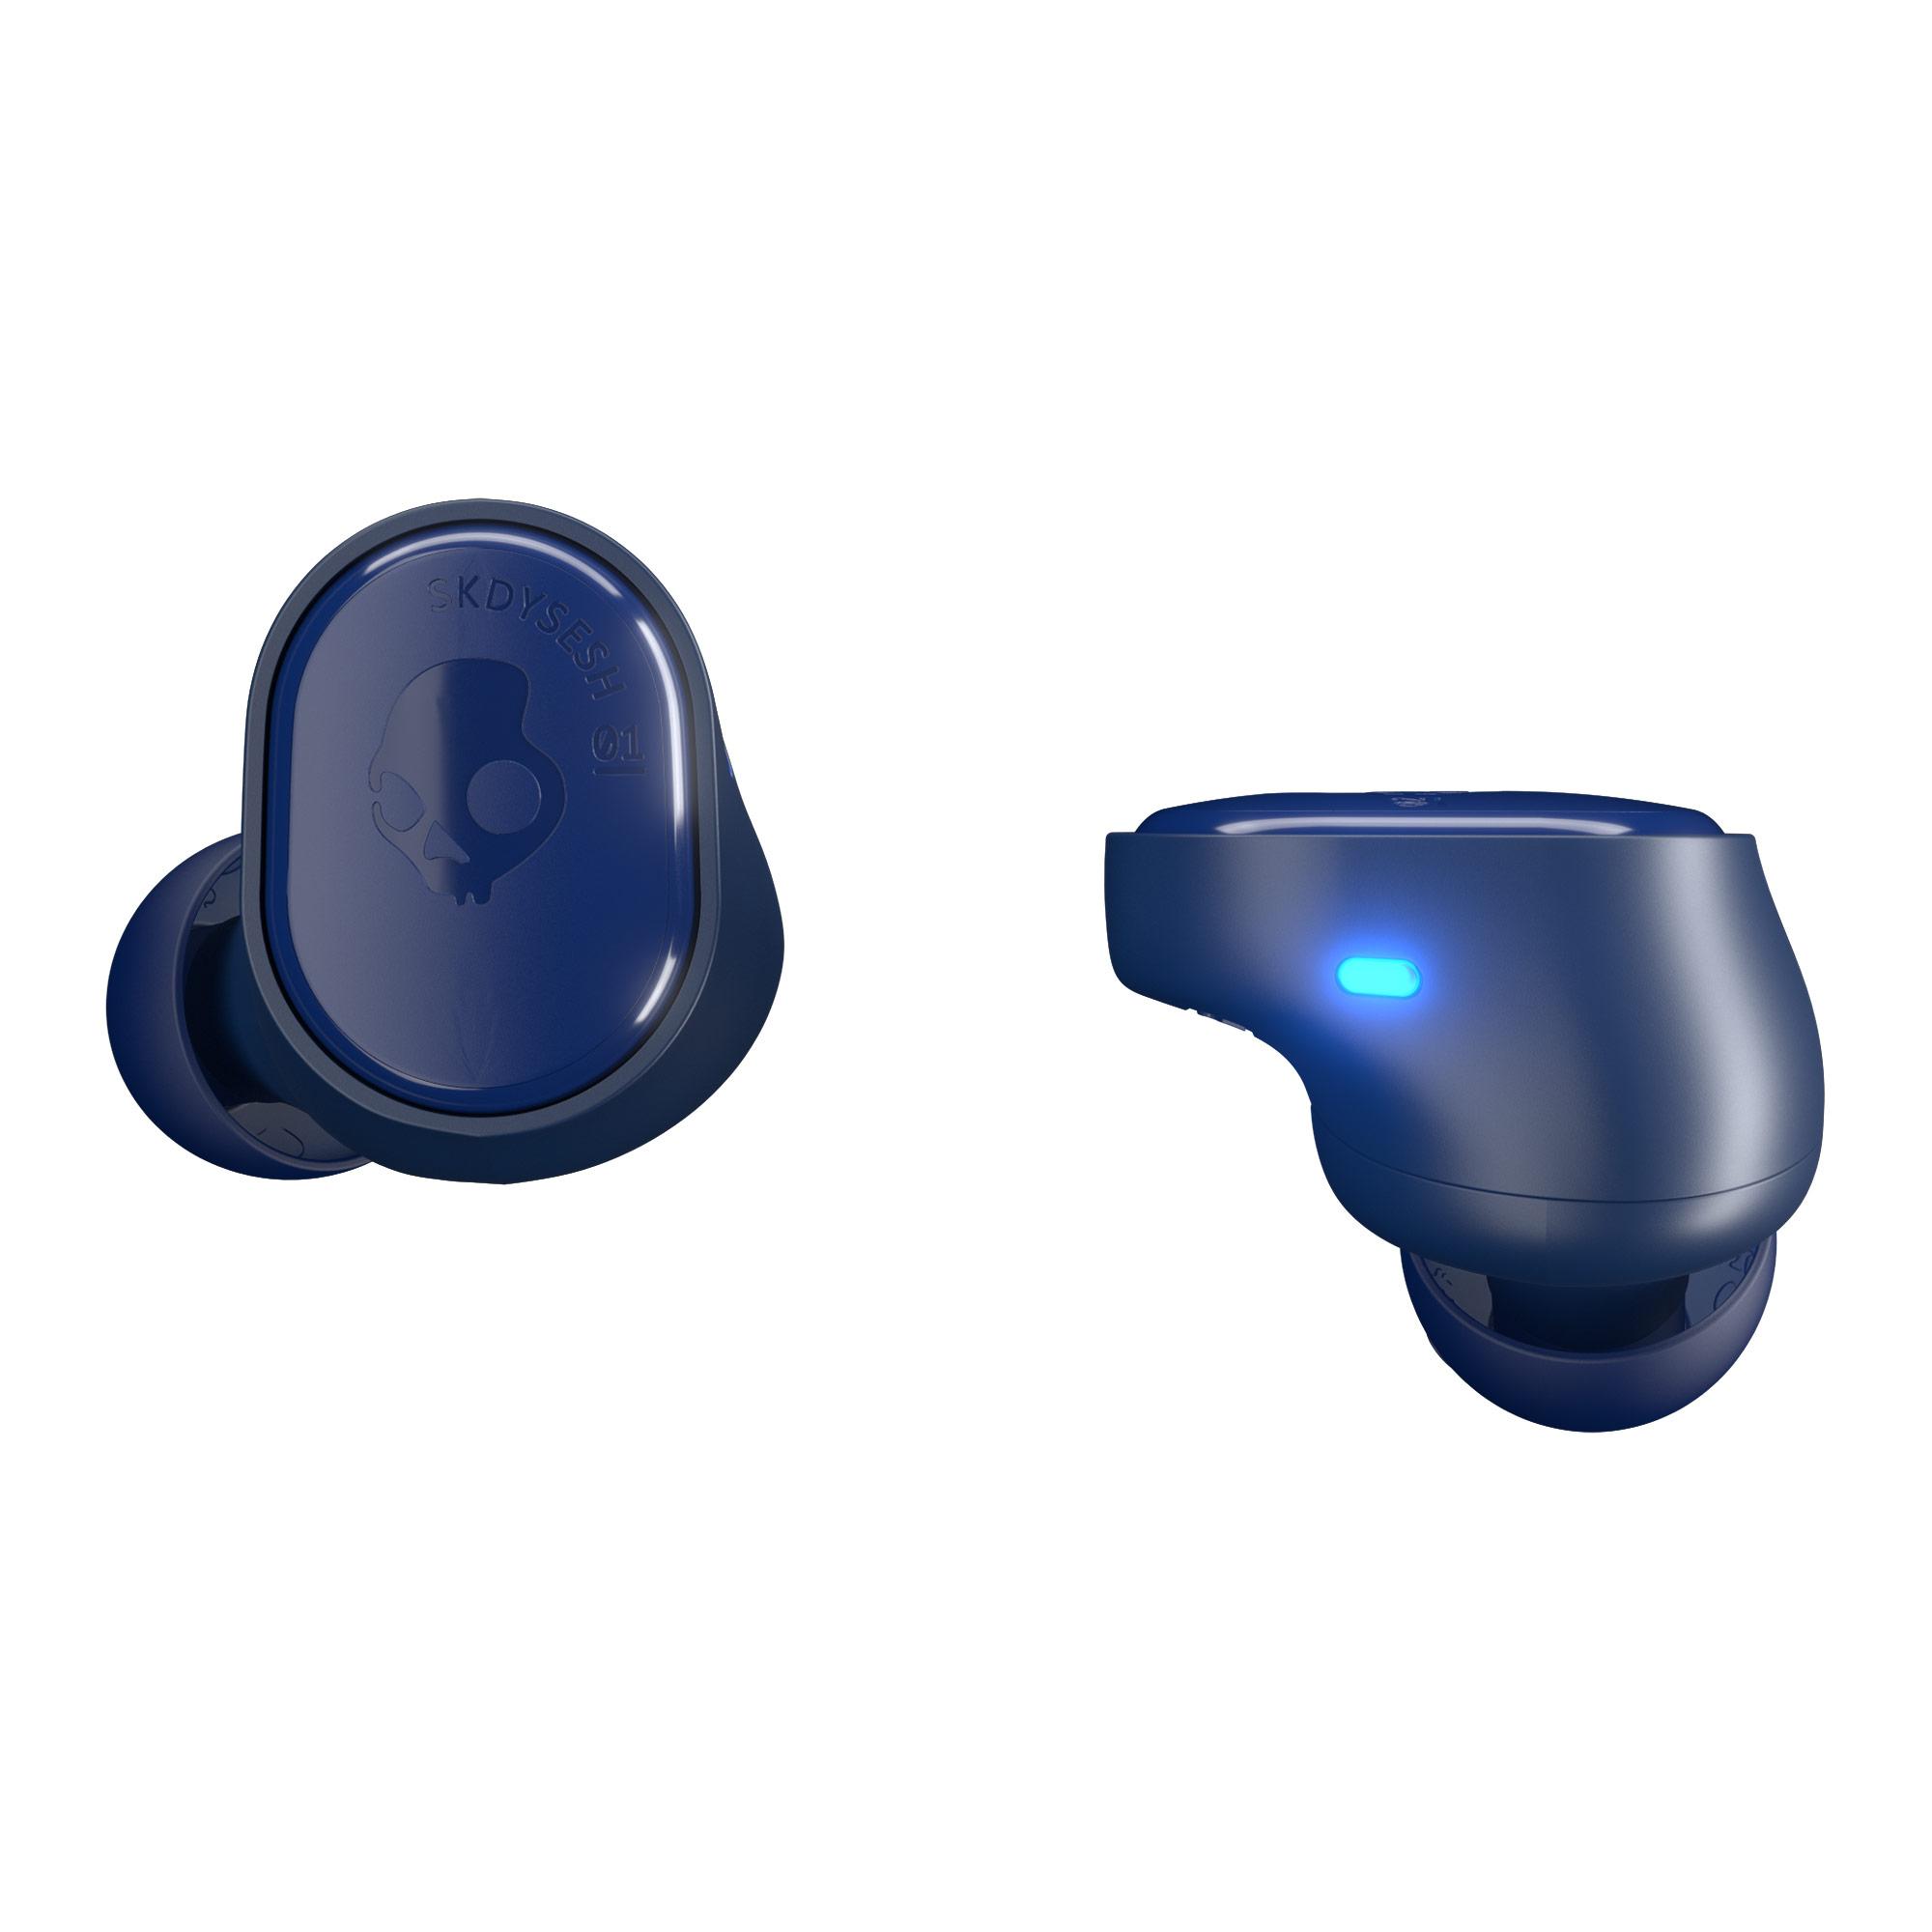 Tai Nghe Bluetooth Skullcandy Sesh True Wireless - Hàng Chính Hãng